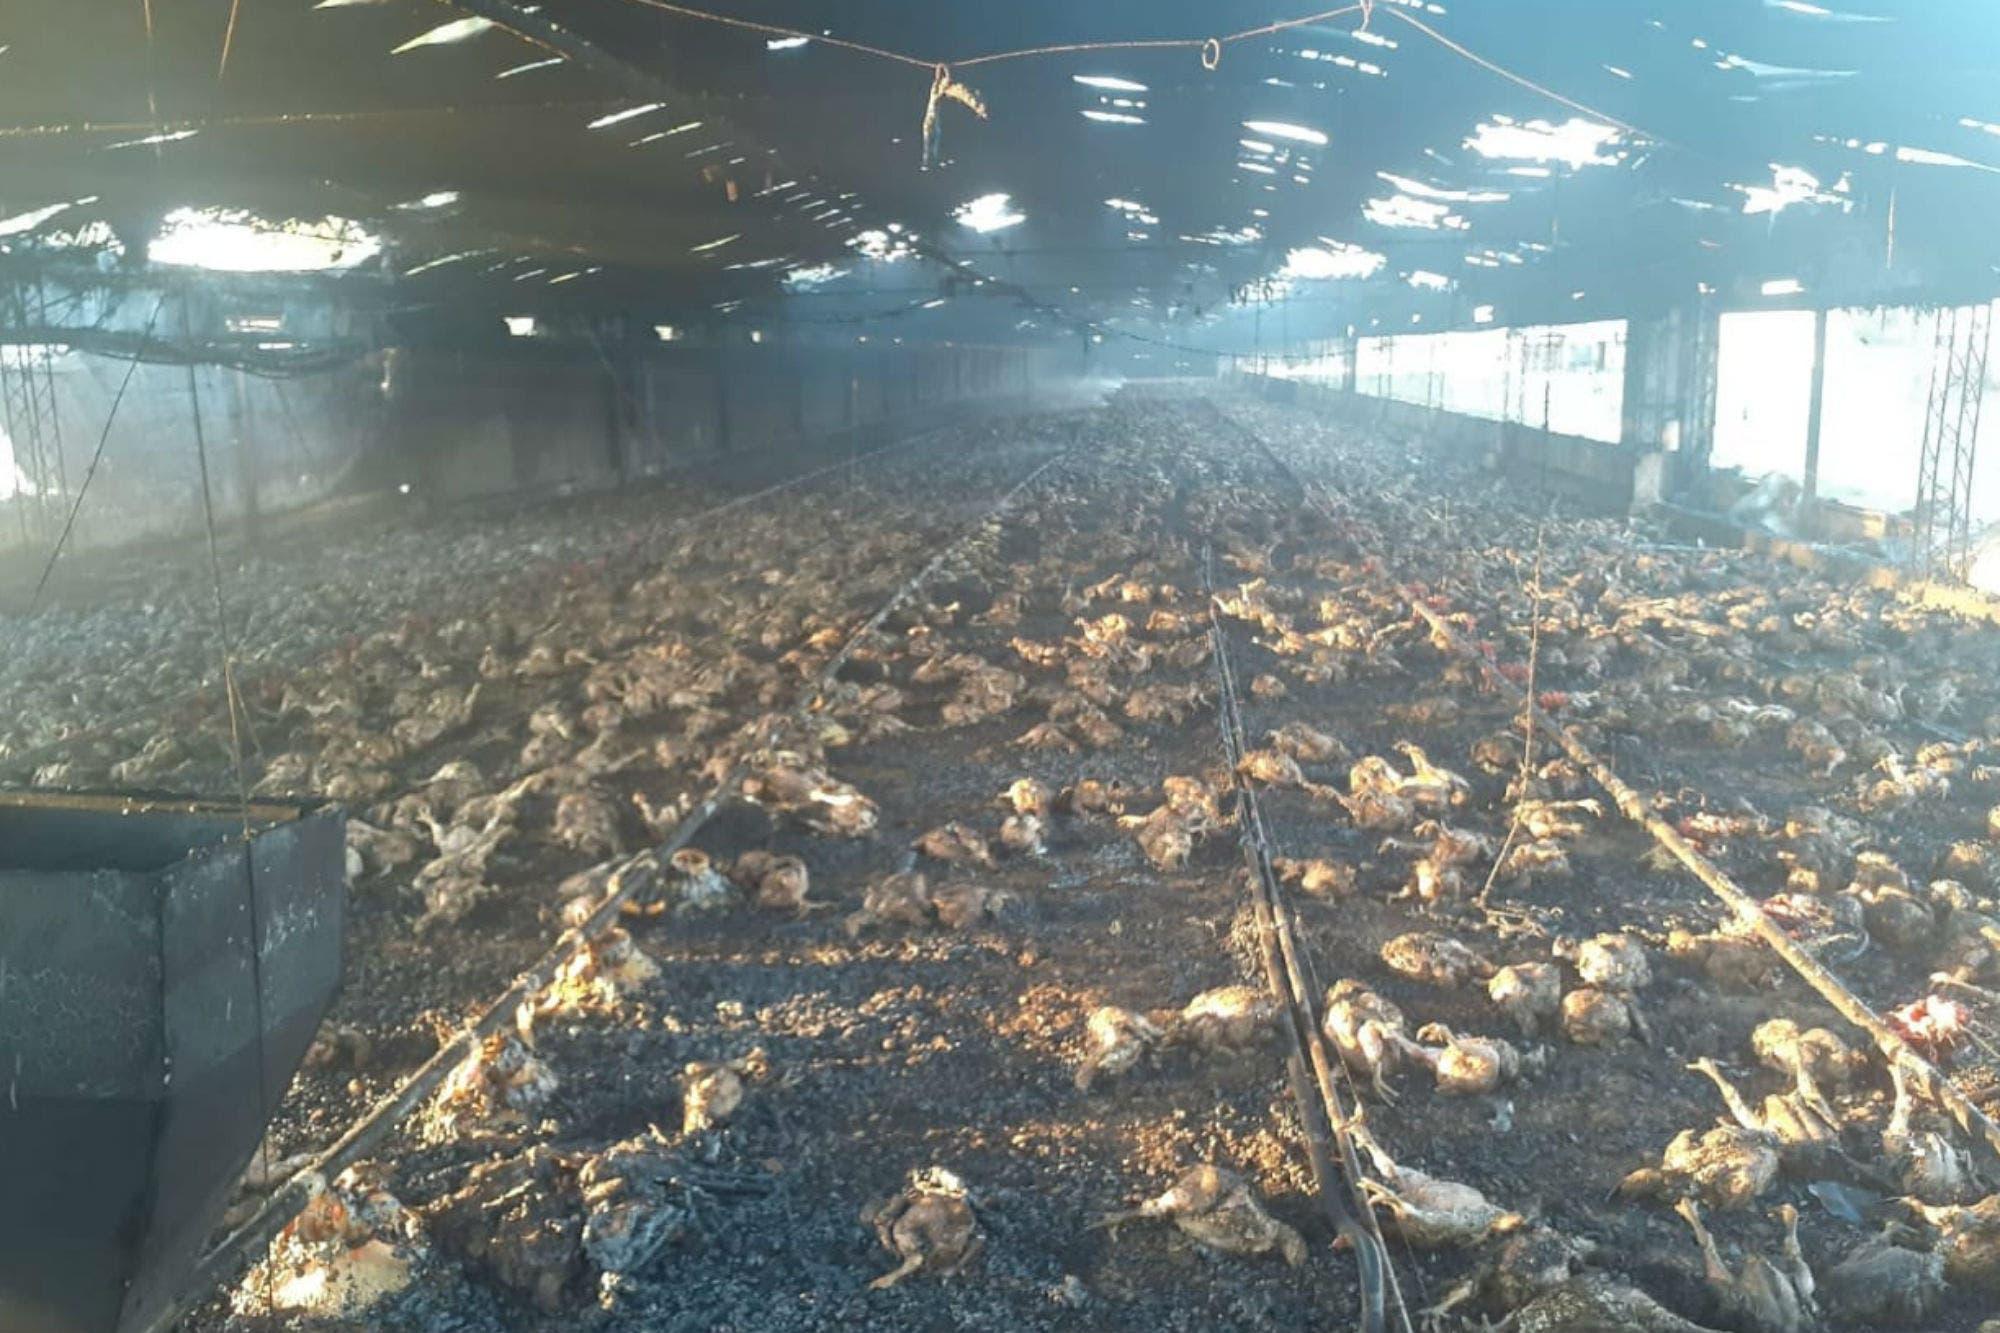 Por un incendio. Murieron 20.000 pollos en un establecimiento avícola